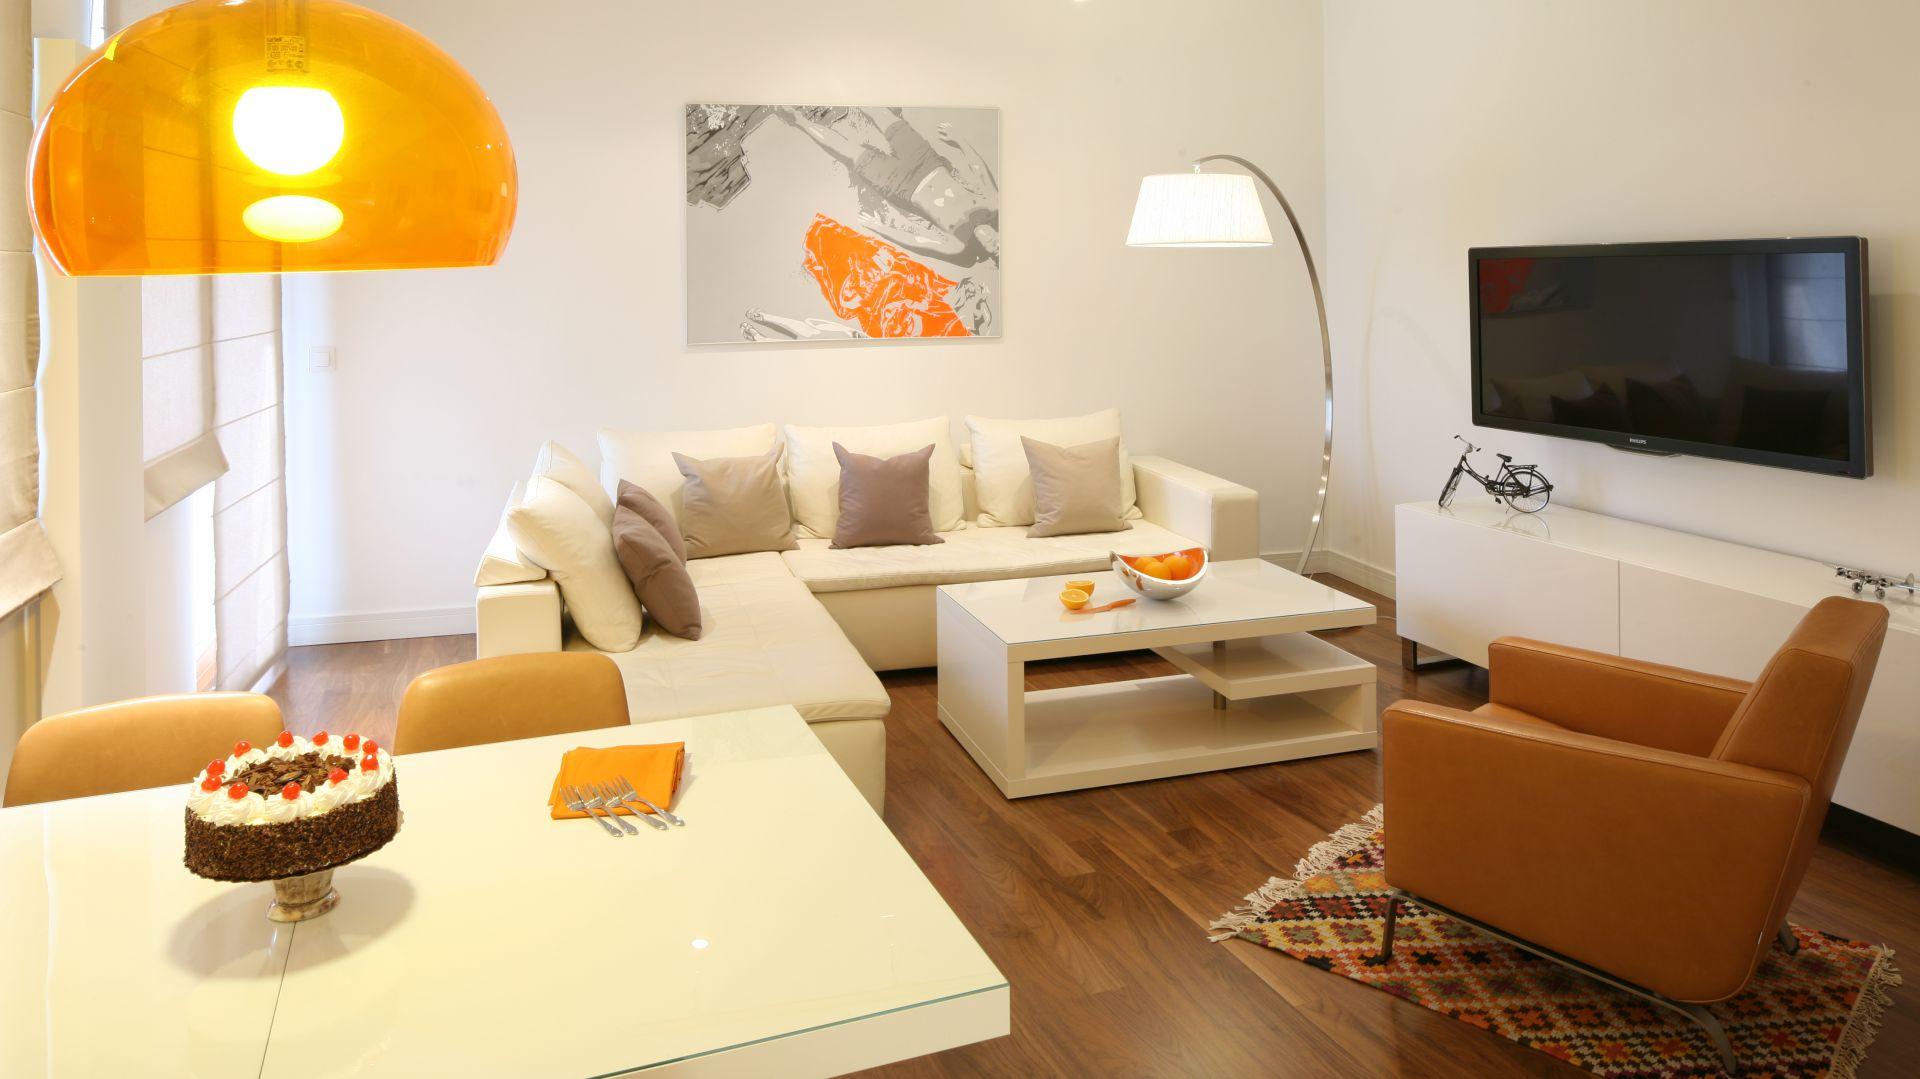 Dominujący w salonie jasny kolor ciekawie przełamują elementy w różnych odcieniach brązu oraz pomarańczowe dekoracje. Fot. Bartosz Jarosz.